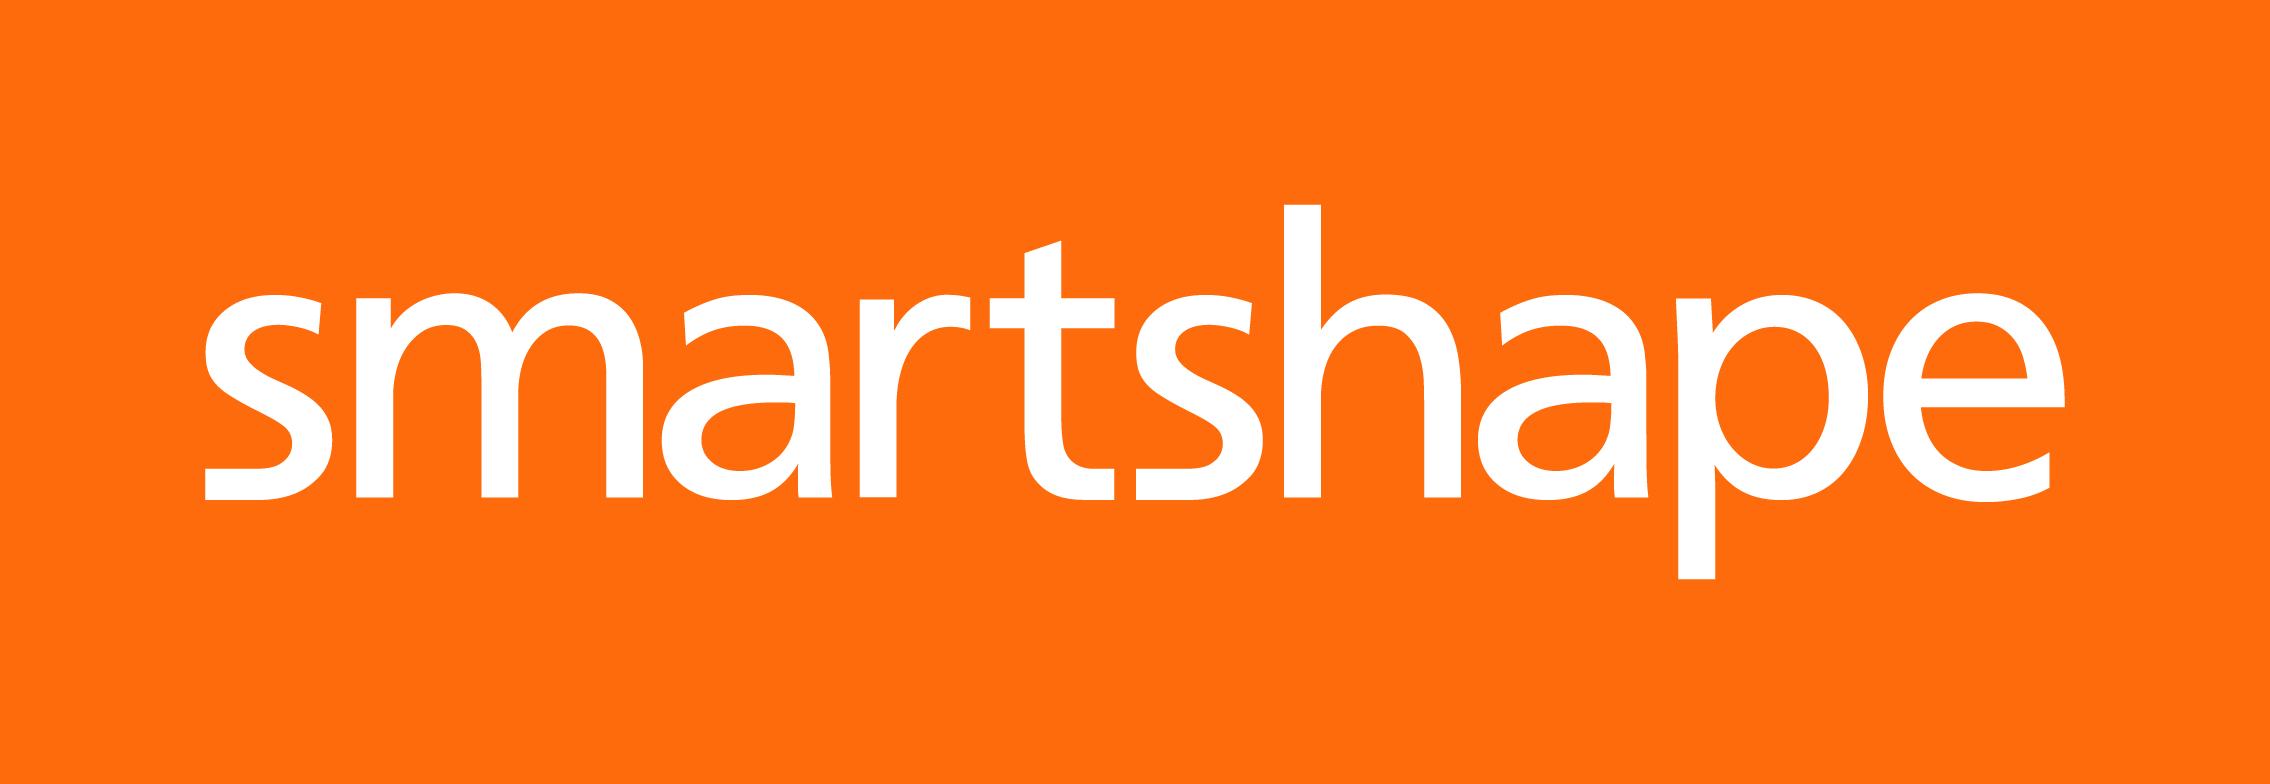 smartshape logo